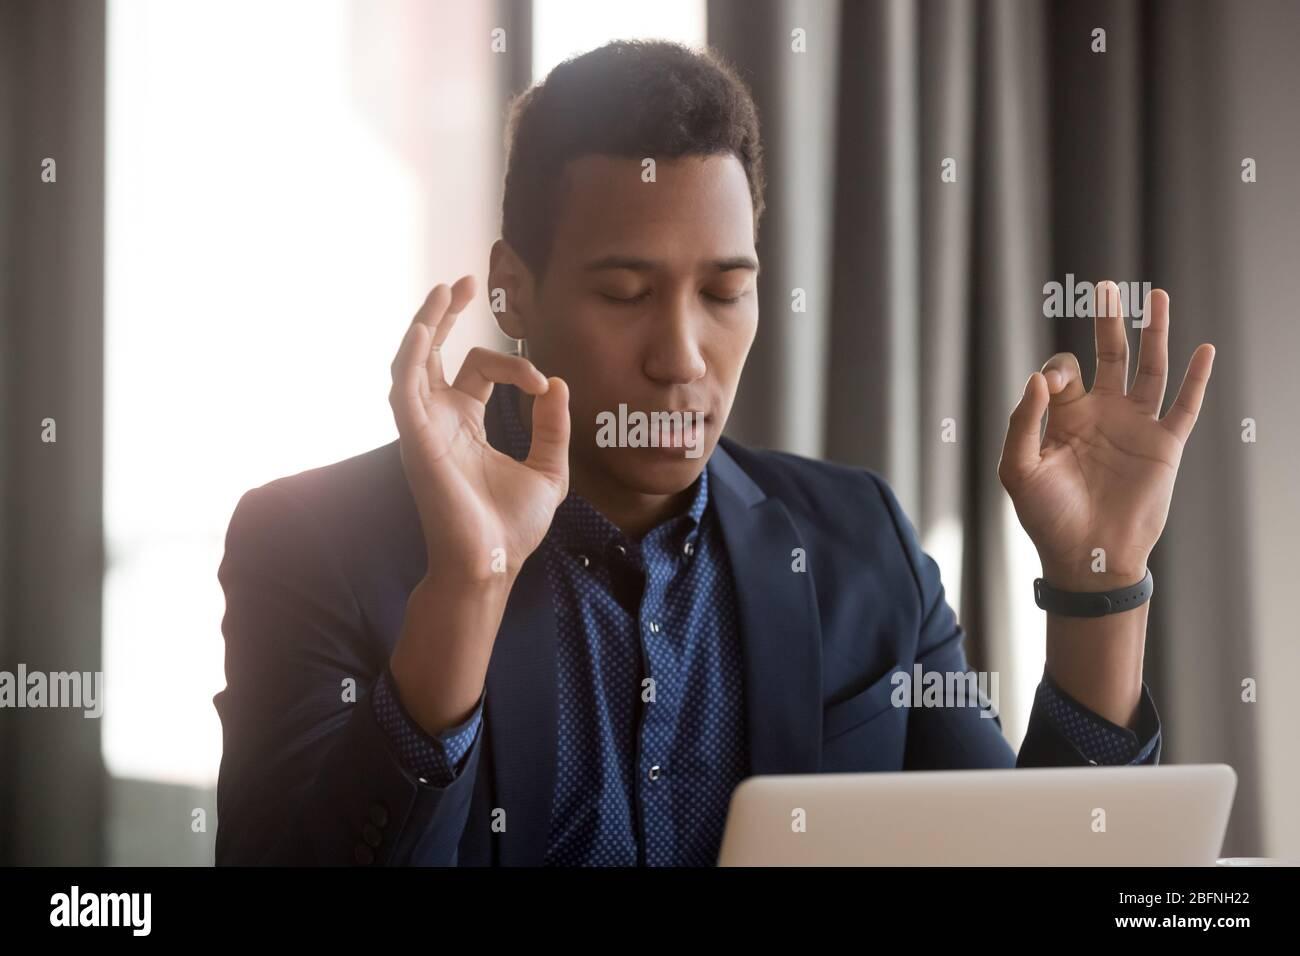 Un hombre de negocios africano cerrado los ojos los dedos doblados reducen las situaciones estresantes Foto de stock